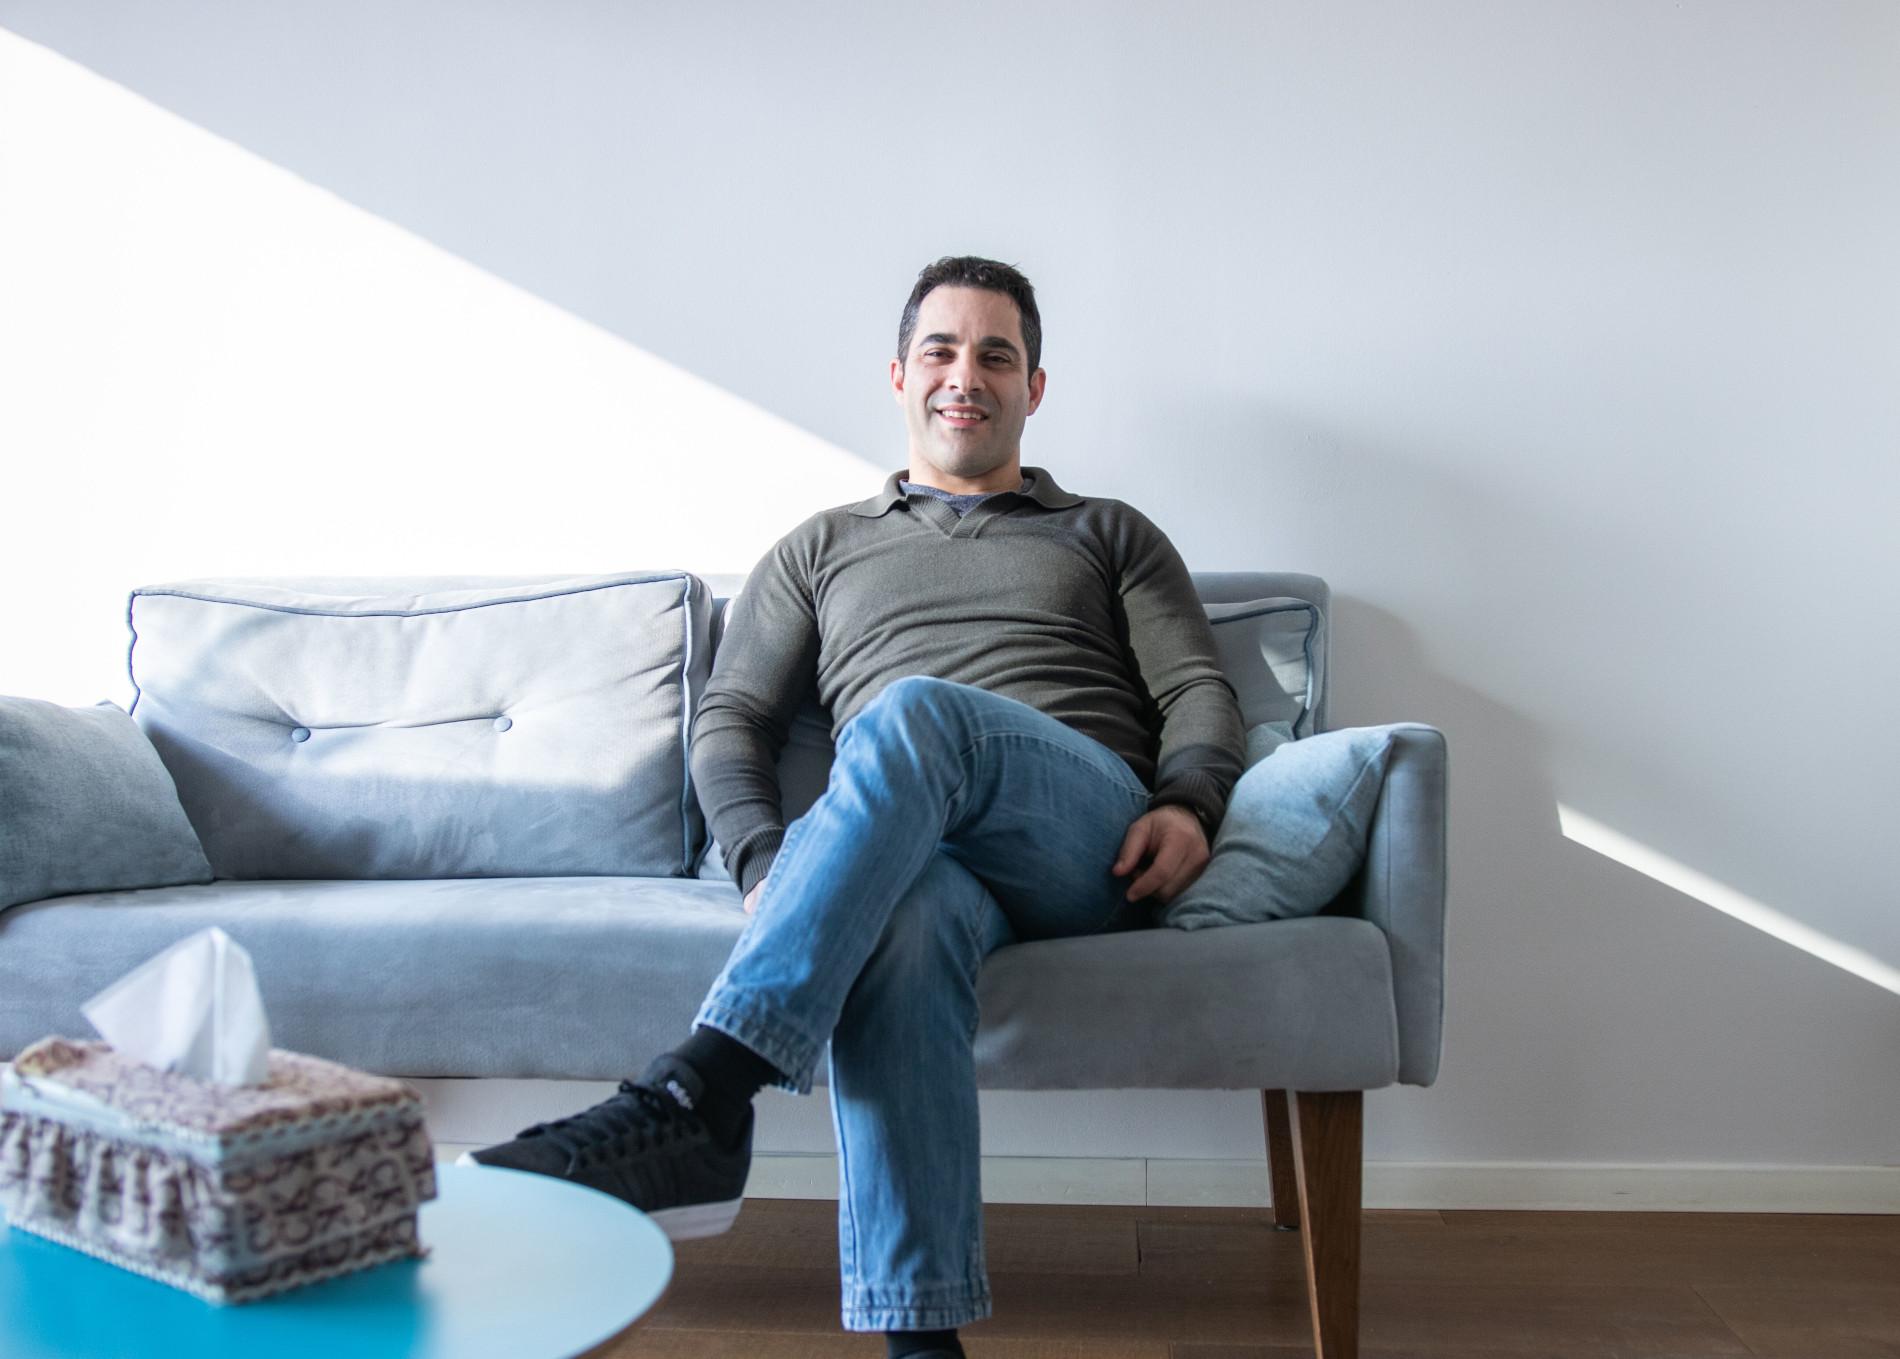 אהוד אלקושי: עיצוב נקי ומינימליסטי